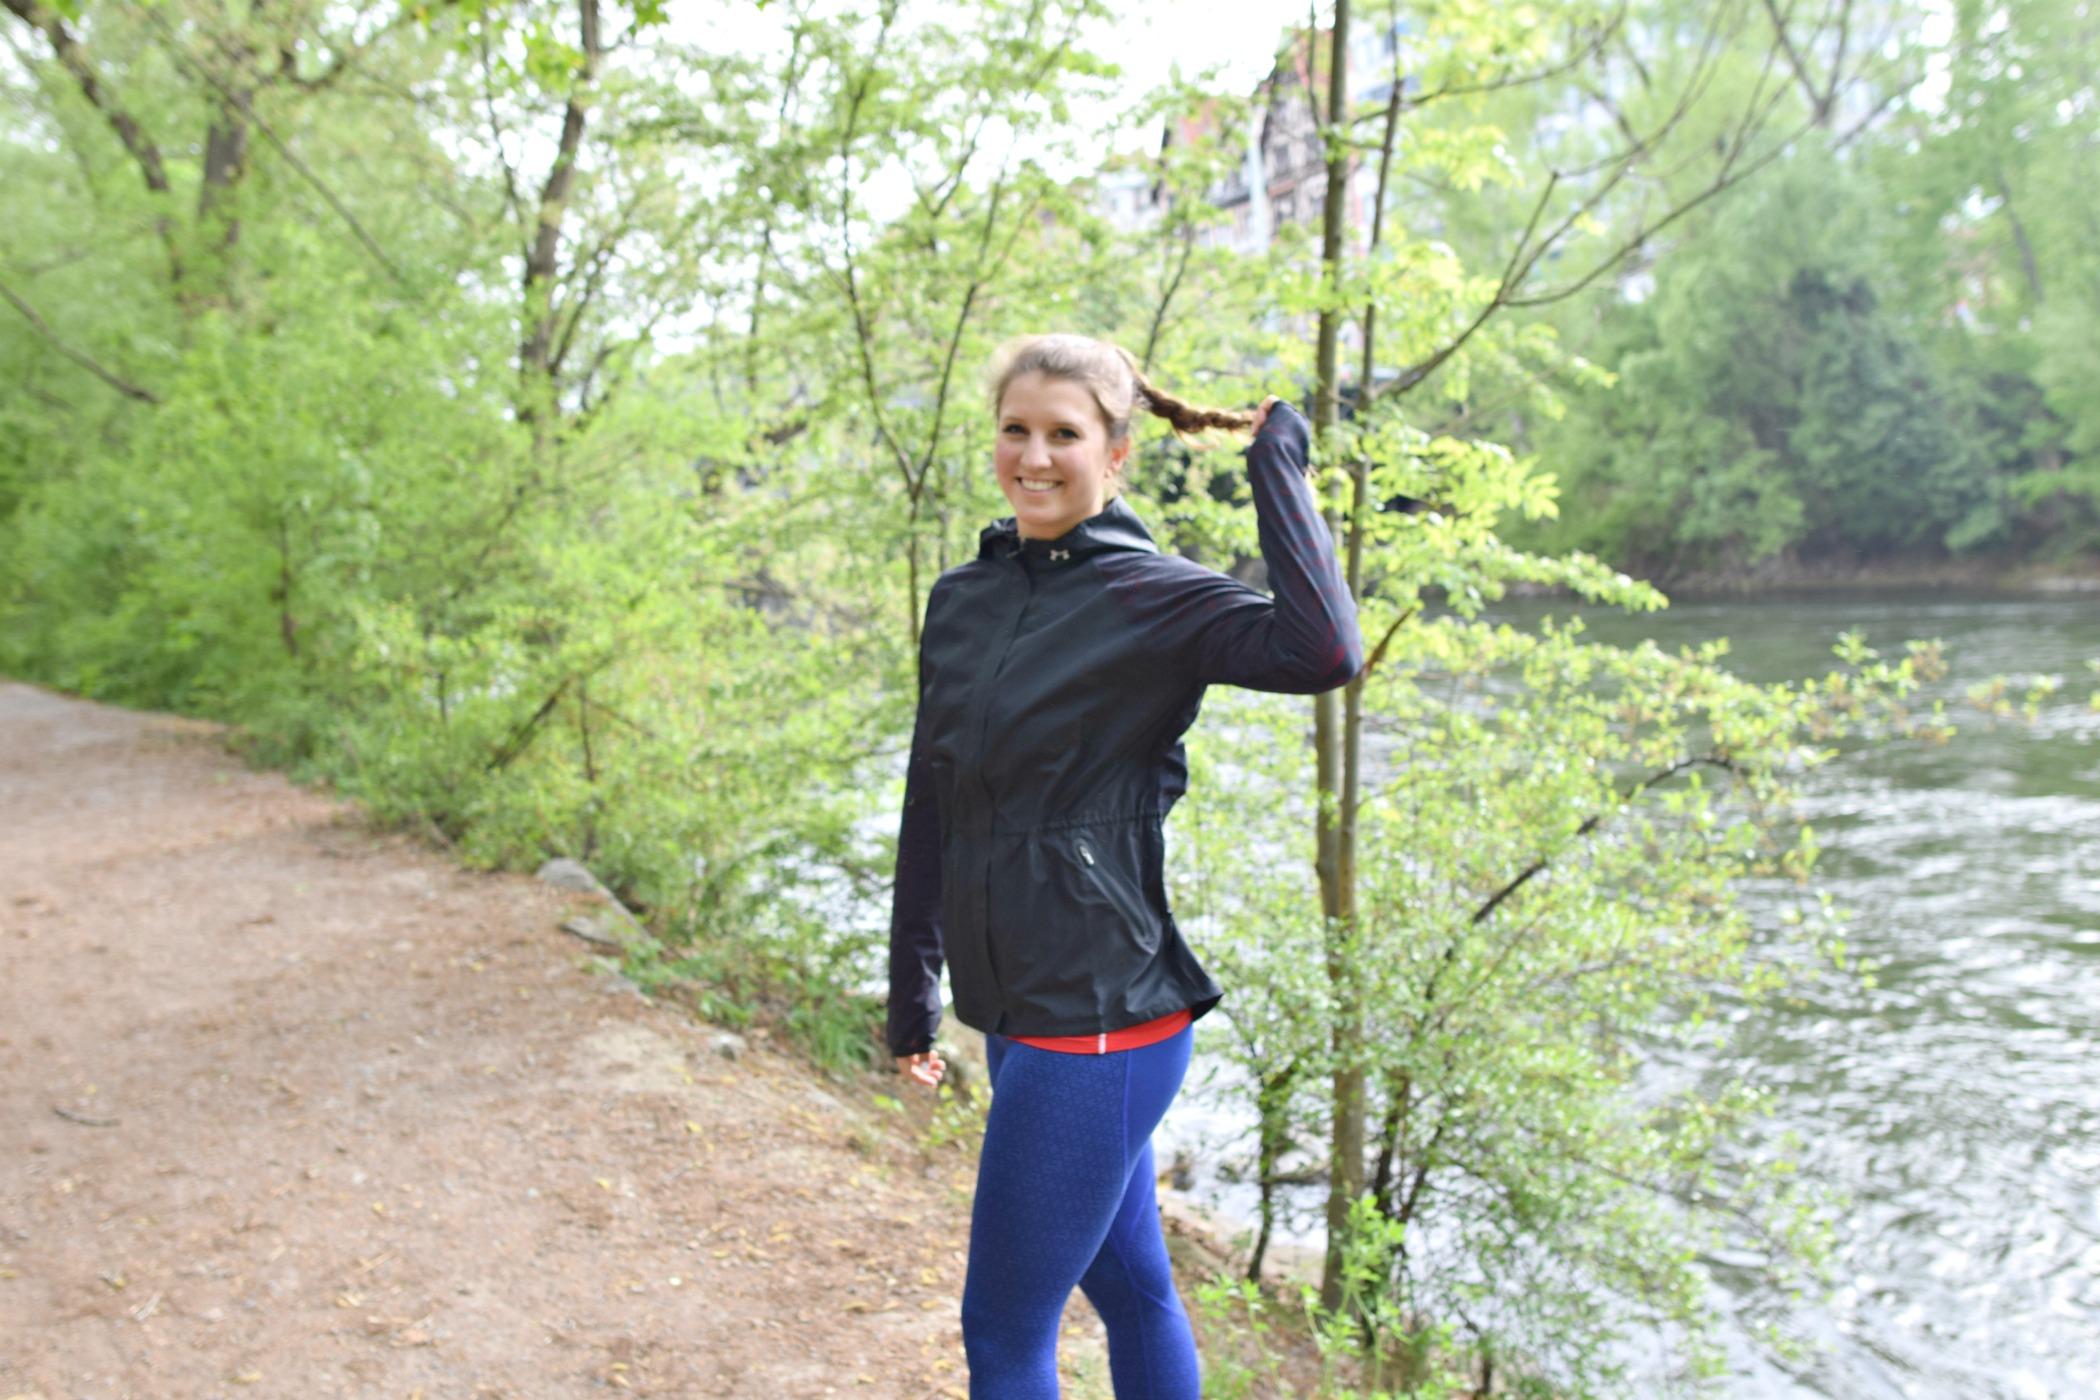 fitnessblog-fitnessblogger-graz-klara-fuchs-österreich-blogging-fitness-sport-blog-sportblog-trainerin-laufen-ladiesrun-1